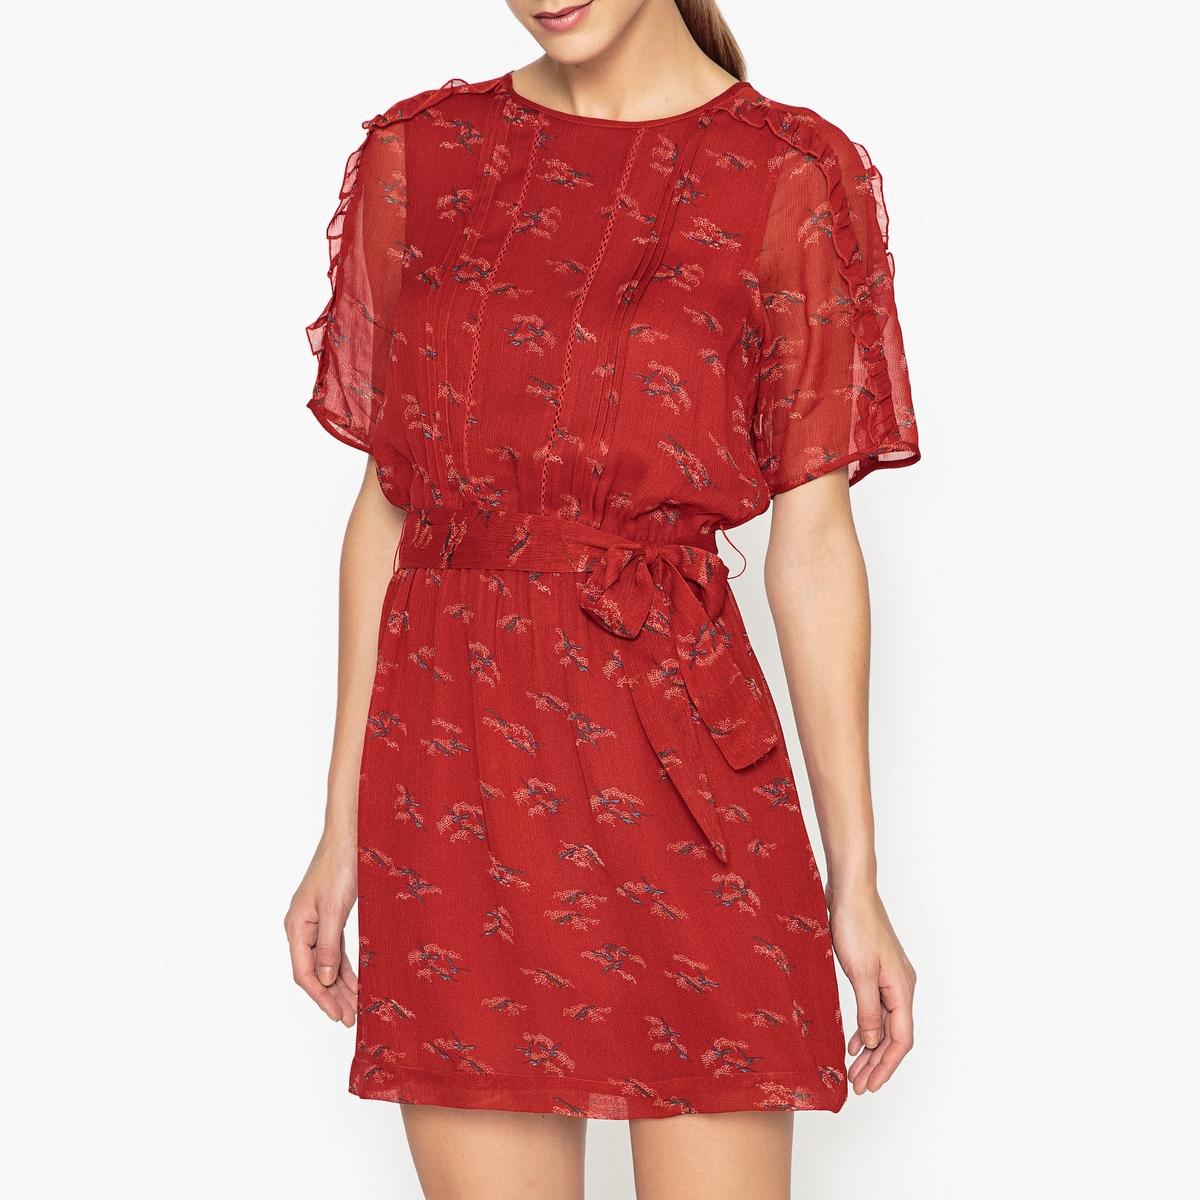 Платье с рисунком  KISAKIСтруящееся платье с рисунком SESSUN - модель KISAKI из креповой вуали с рисунком, складками спереди и ажурными деталями.Детали  •  Форма : расклешенная   •  Укороченная модель •  Короткие рукава    •  Круглый вырез •  Рисунок-принт Состав и уход  •  100% вискоза •  Следуйте рекомендациям по уходу, указанным на этикетке изделия •  Эластичный пояс •  Съемный ремень на поясе •  Воланы на рукавах<br><br>Цвет: наб. рисунок красный